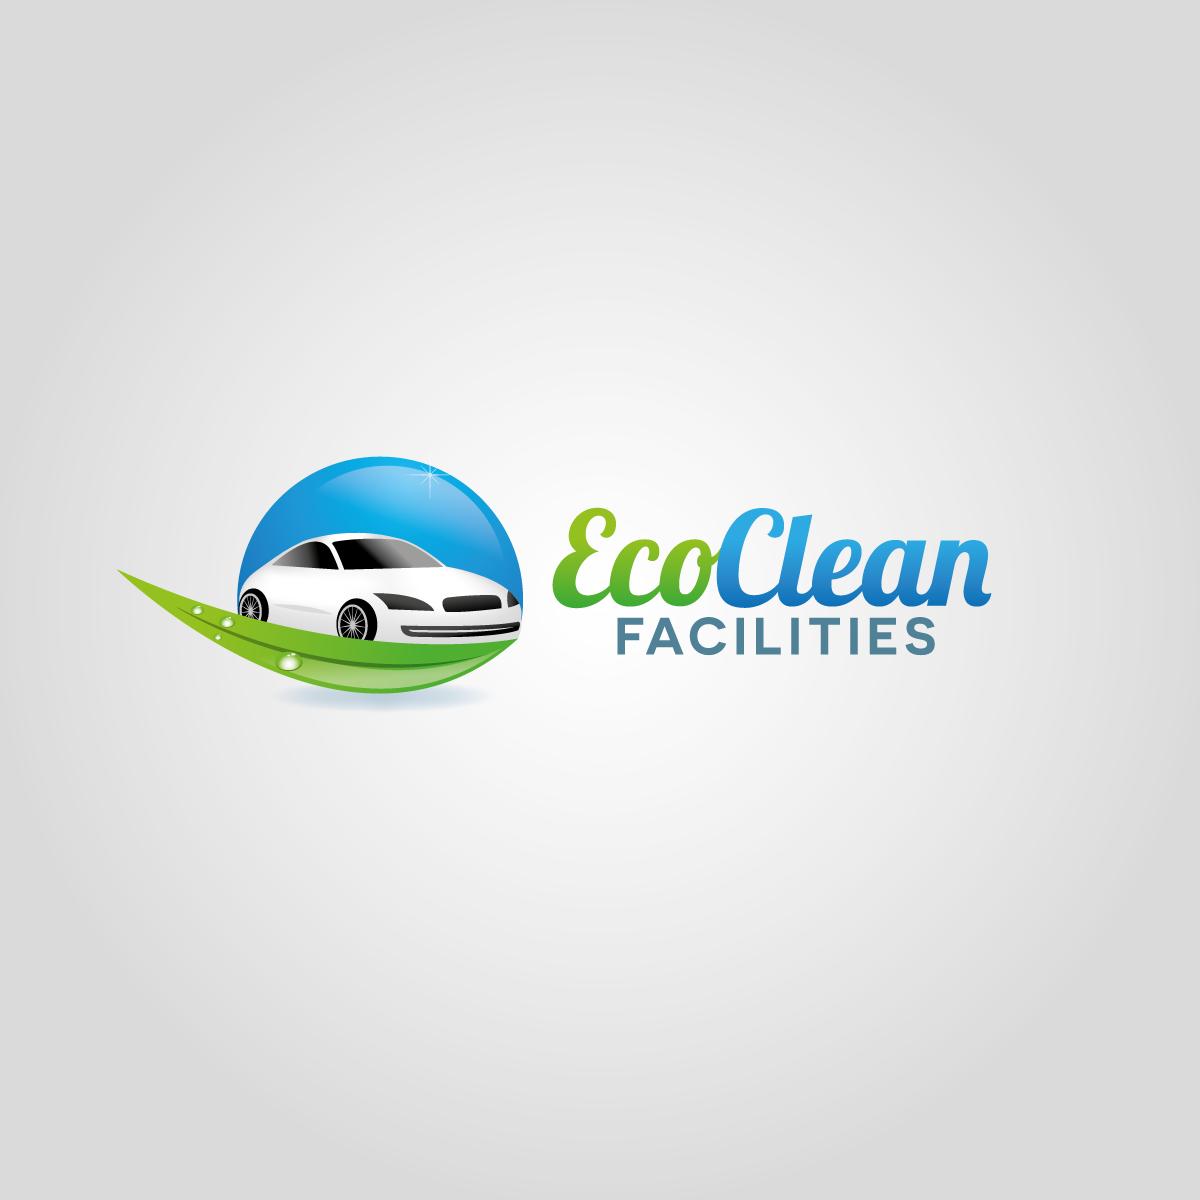 eco-clean-facilities-logo